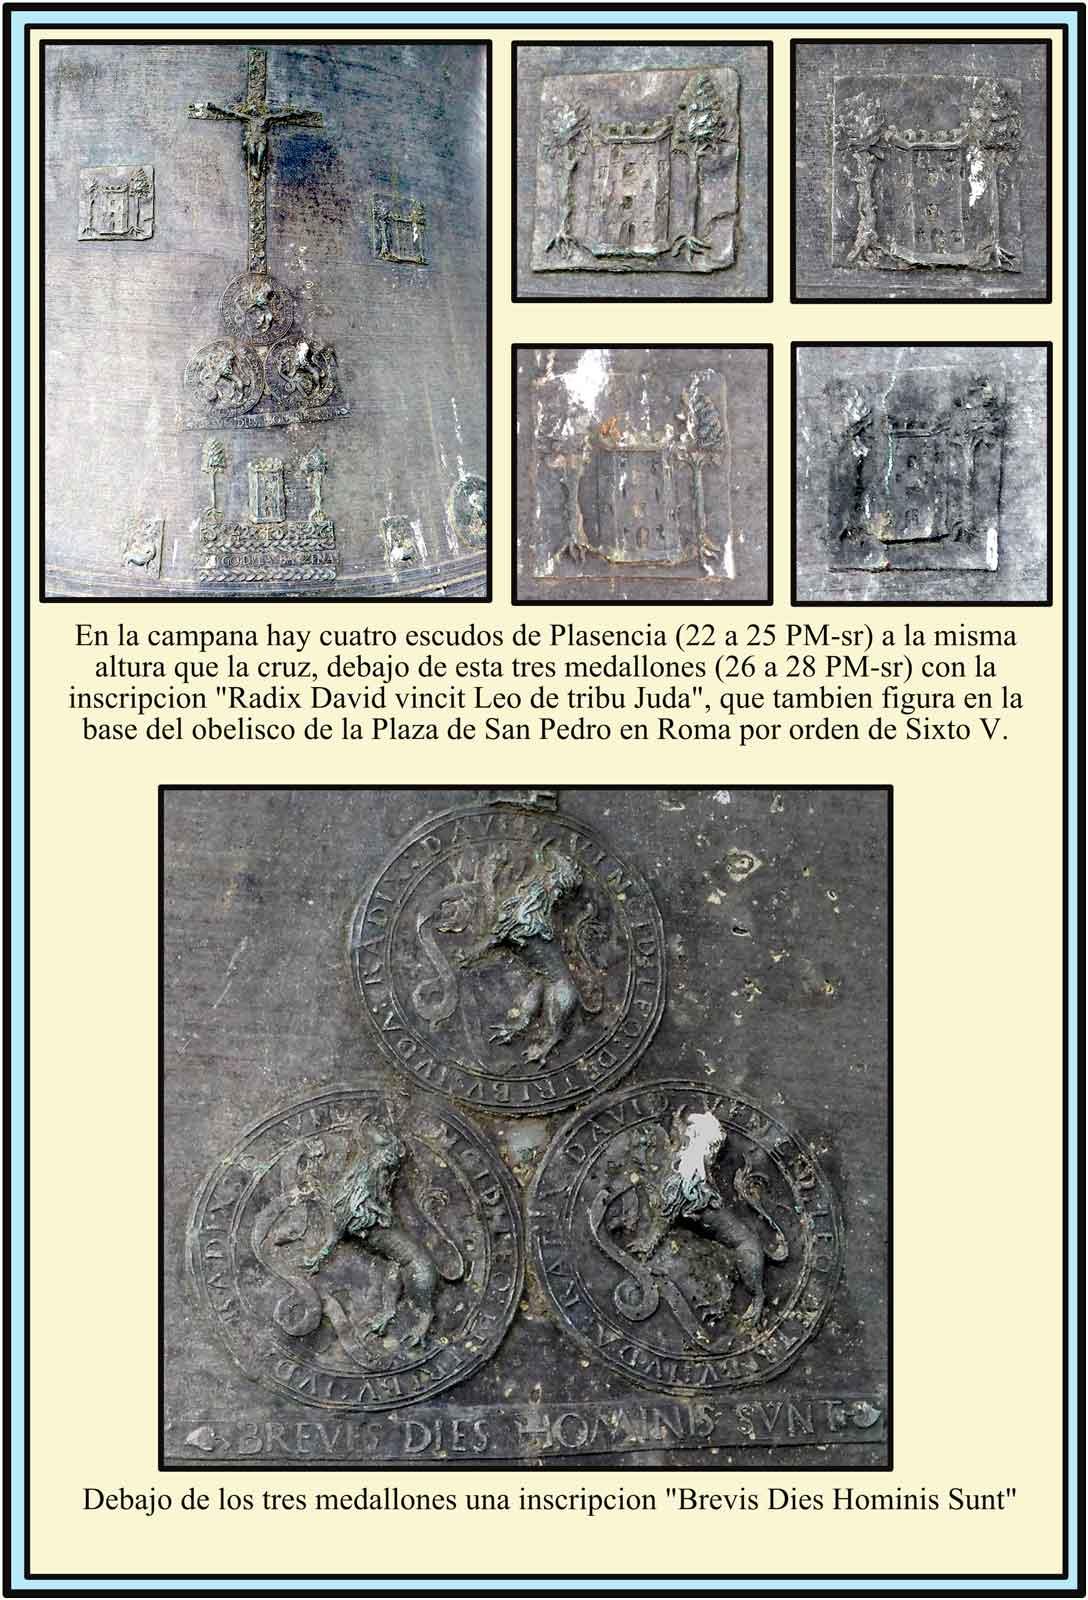 Escudos y símbolos en la campana del Ayuntamiento de Plasencia